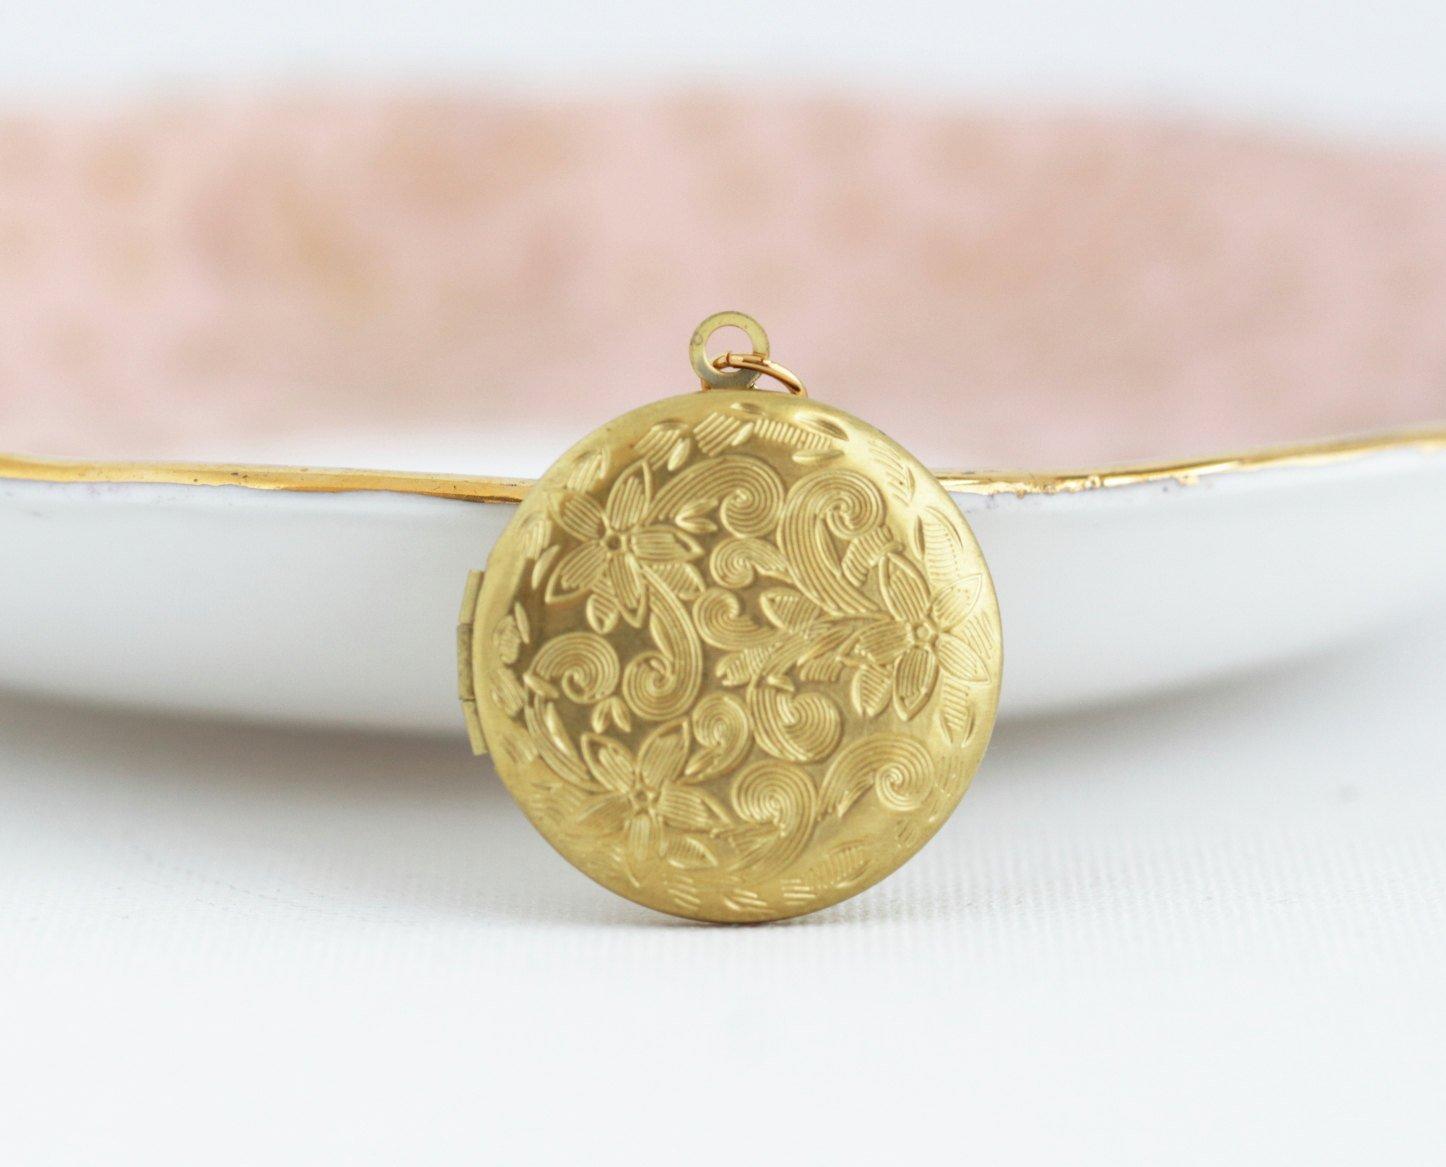 Round gold brass locket pendant necklace - 20 inch chain